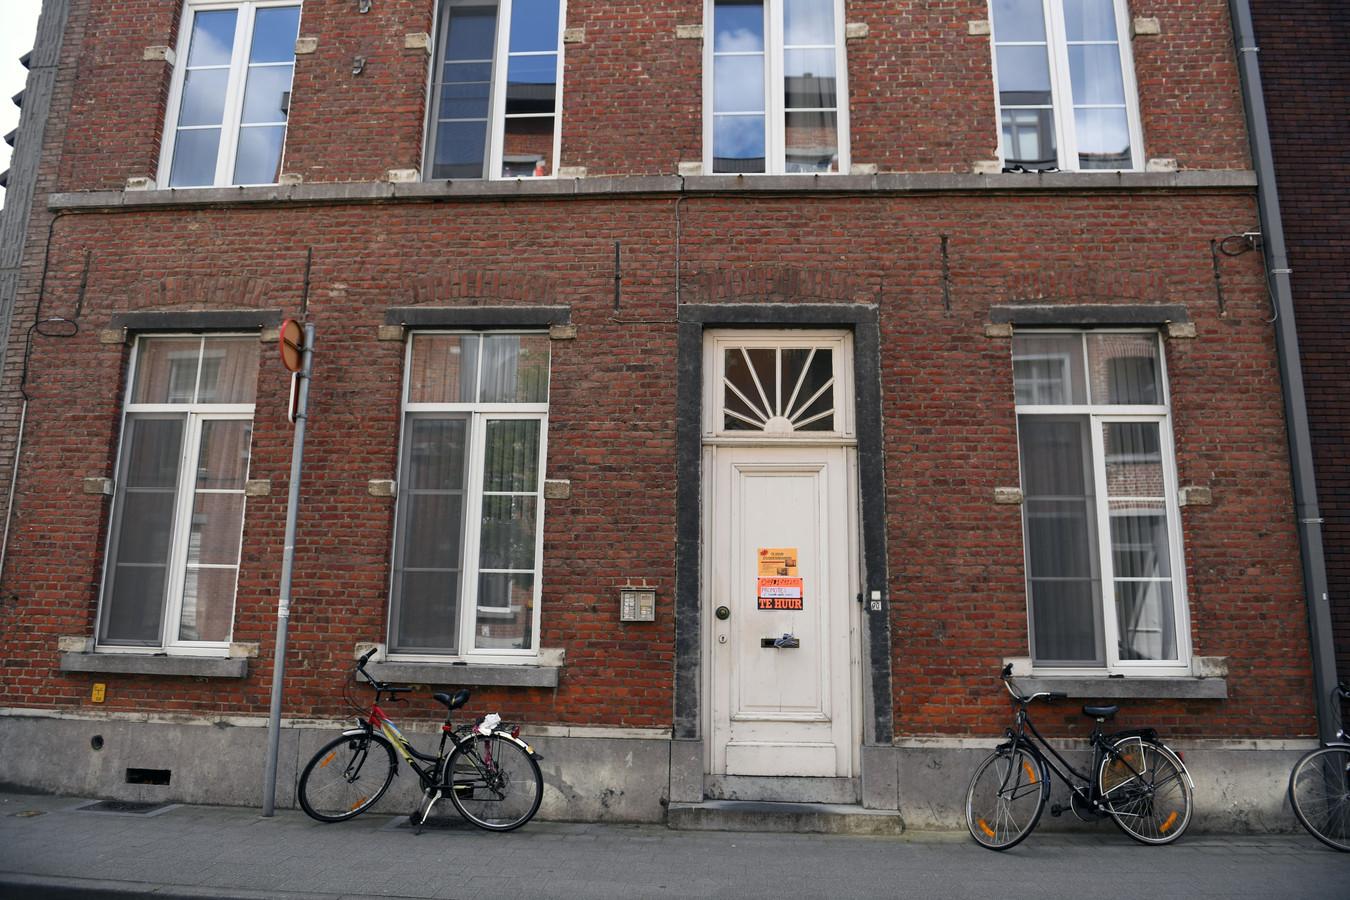 Wie een kamer teveel heeft, kan die in Leuven solidair verhuren. De stad lanceert nu een campagne om de mogelijkheden in de verf te zetten.